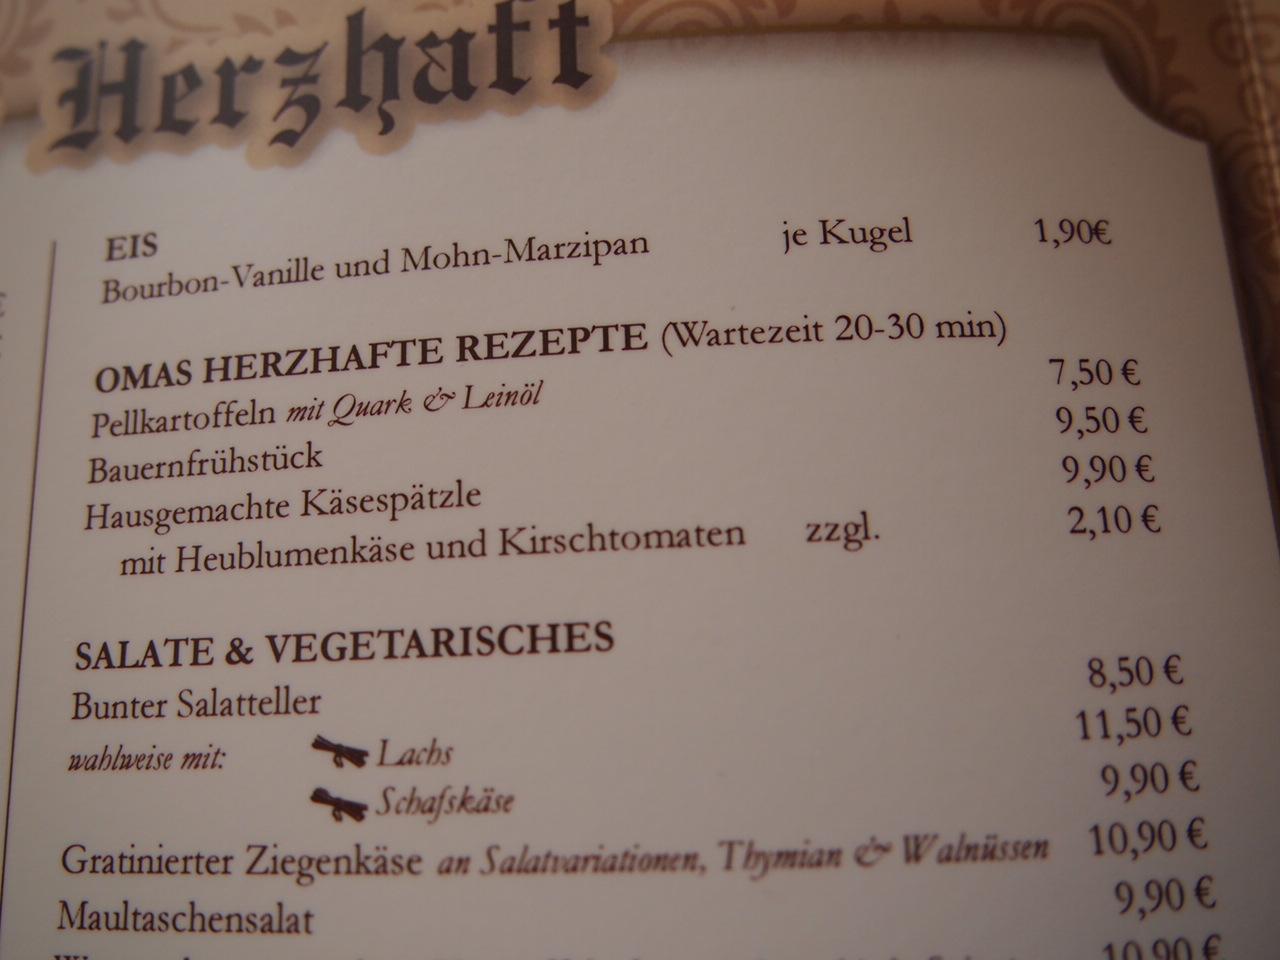 ベルリンのカフェでオススメを頼むと衝撃的なものが出てきた